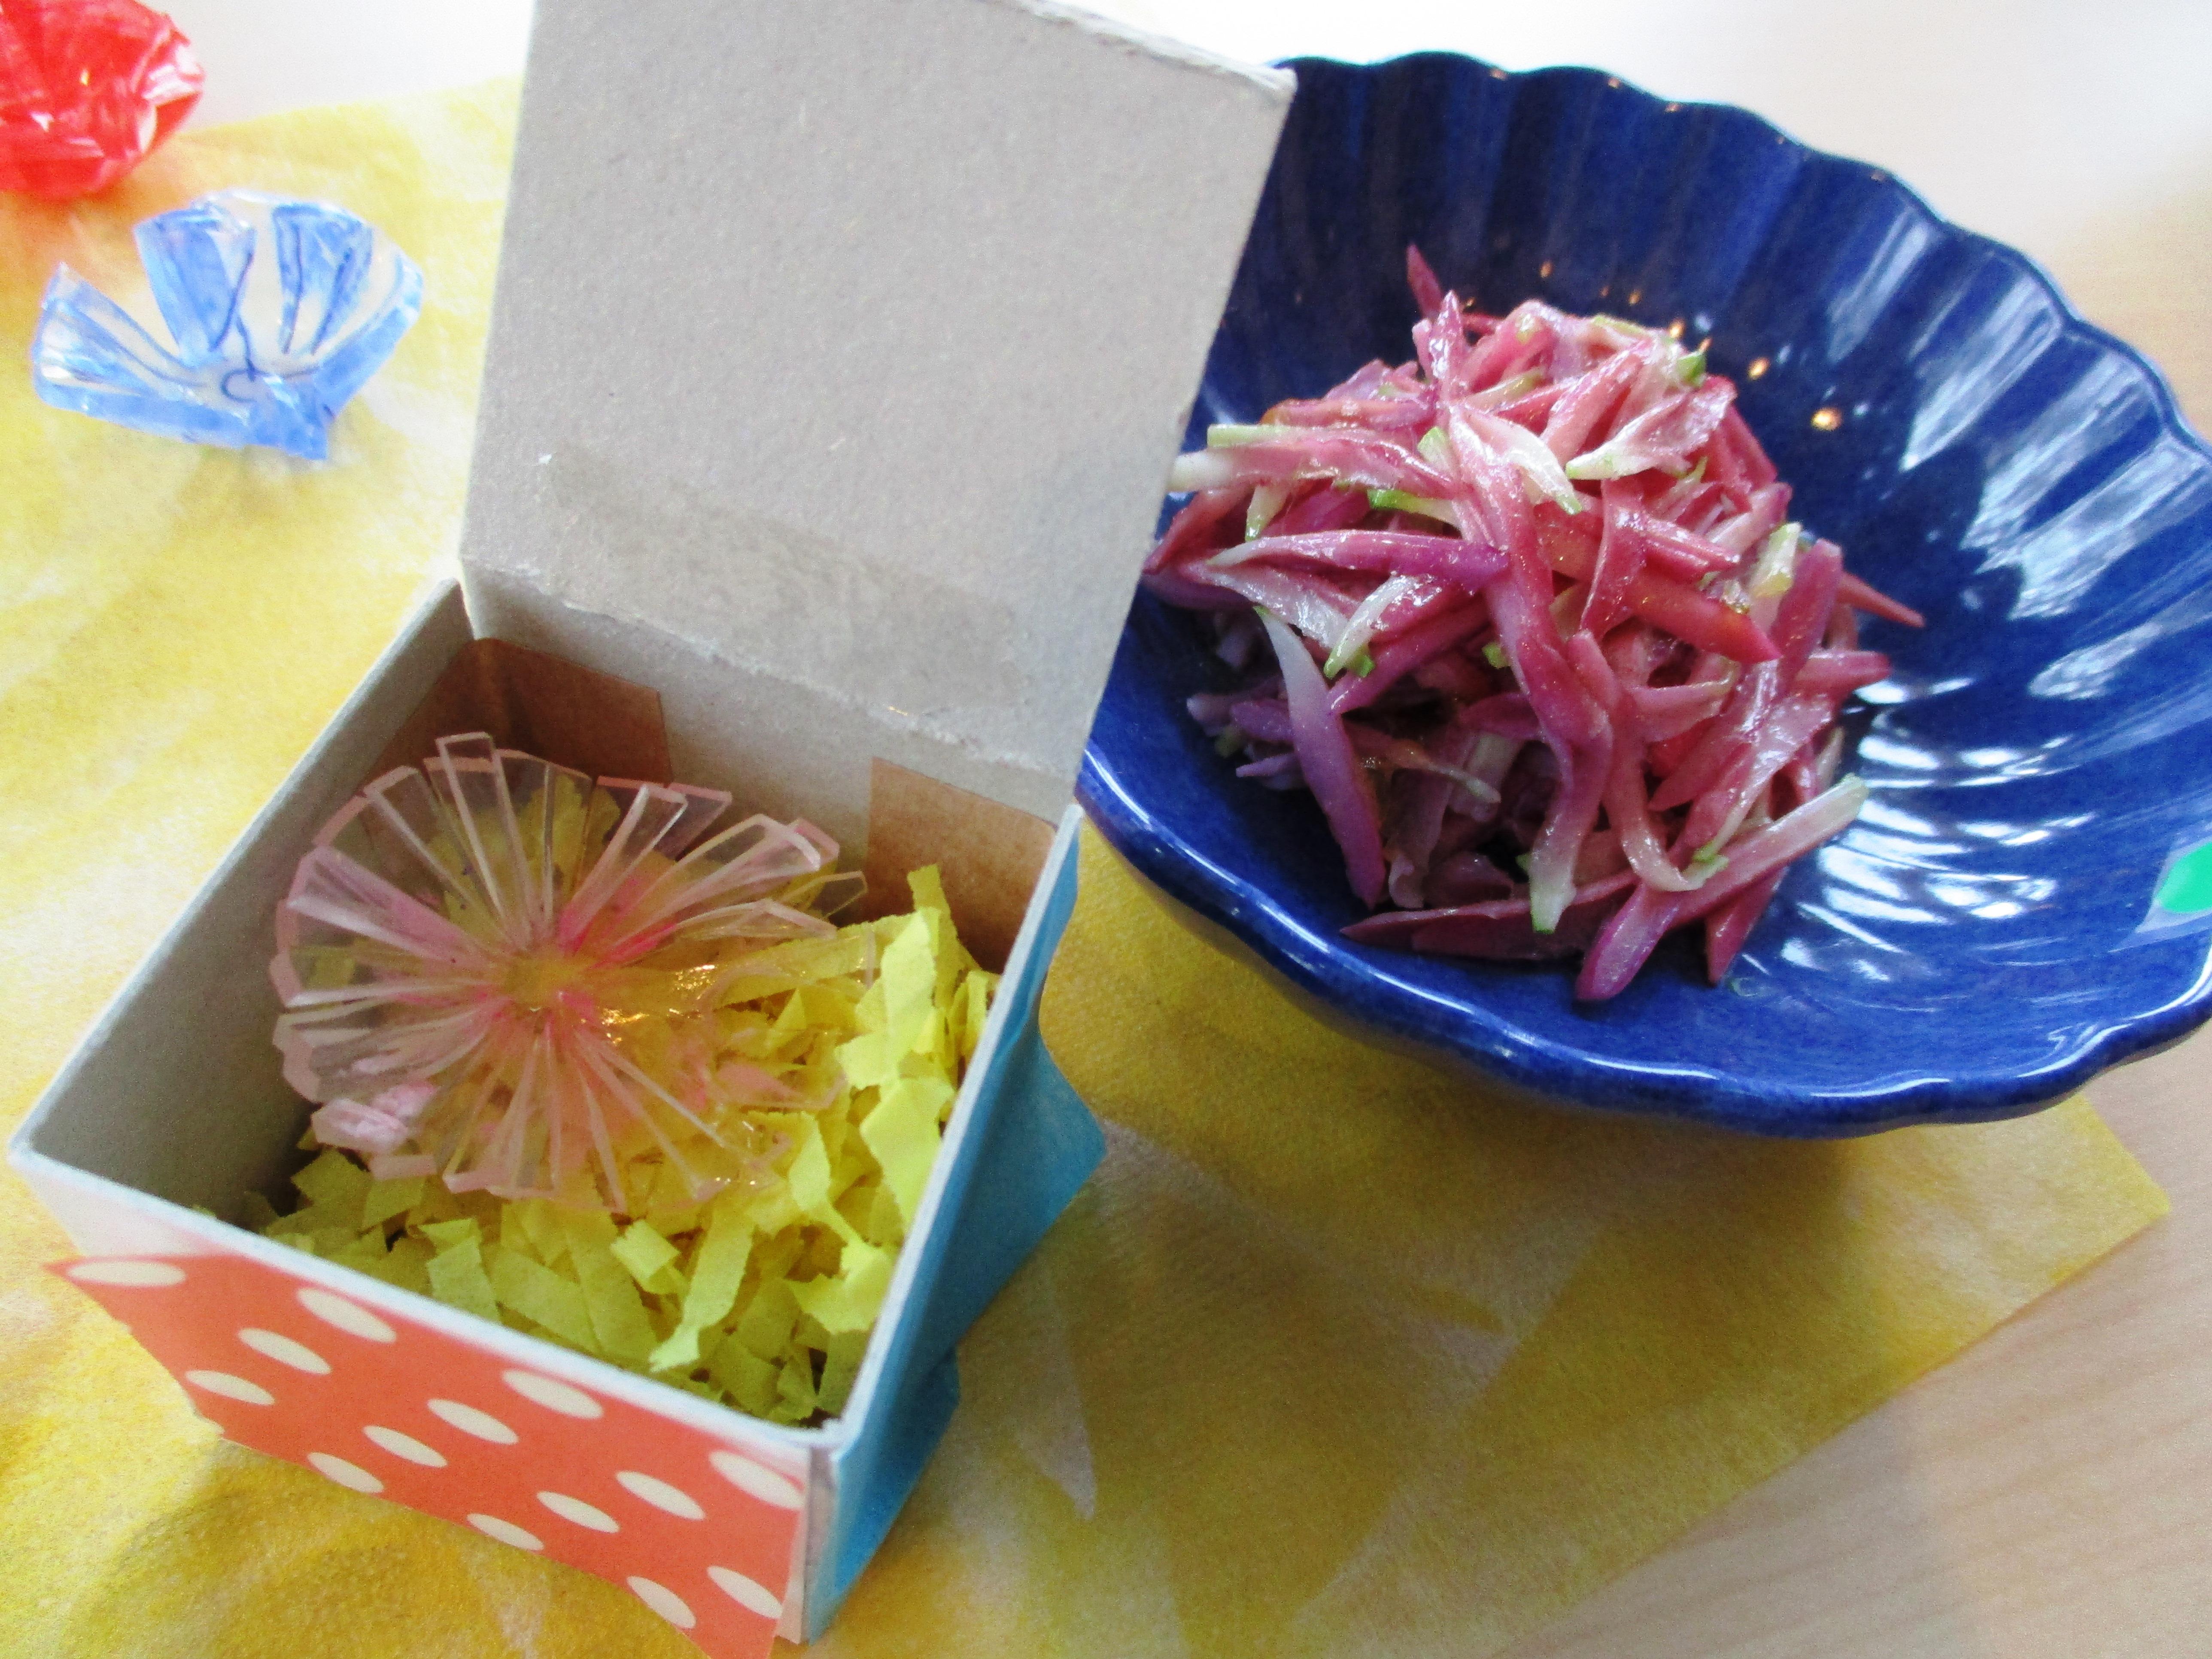 食育ミニ体験「食育工作 プラバンでかきのもと作り」